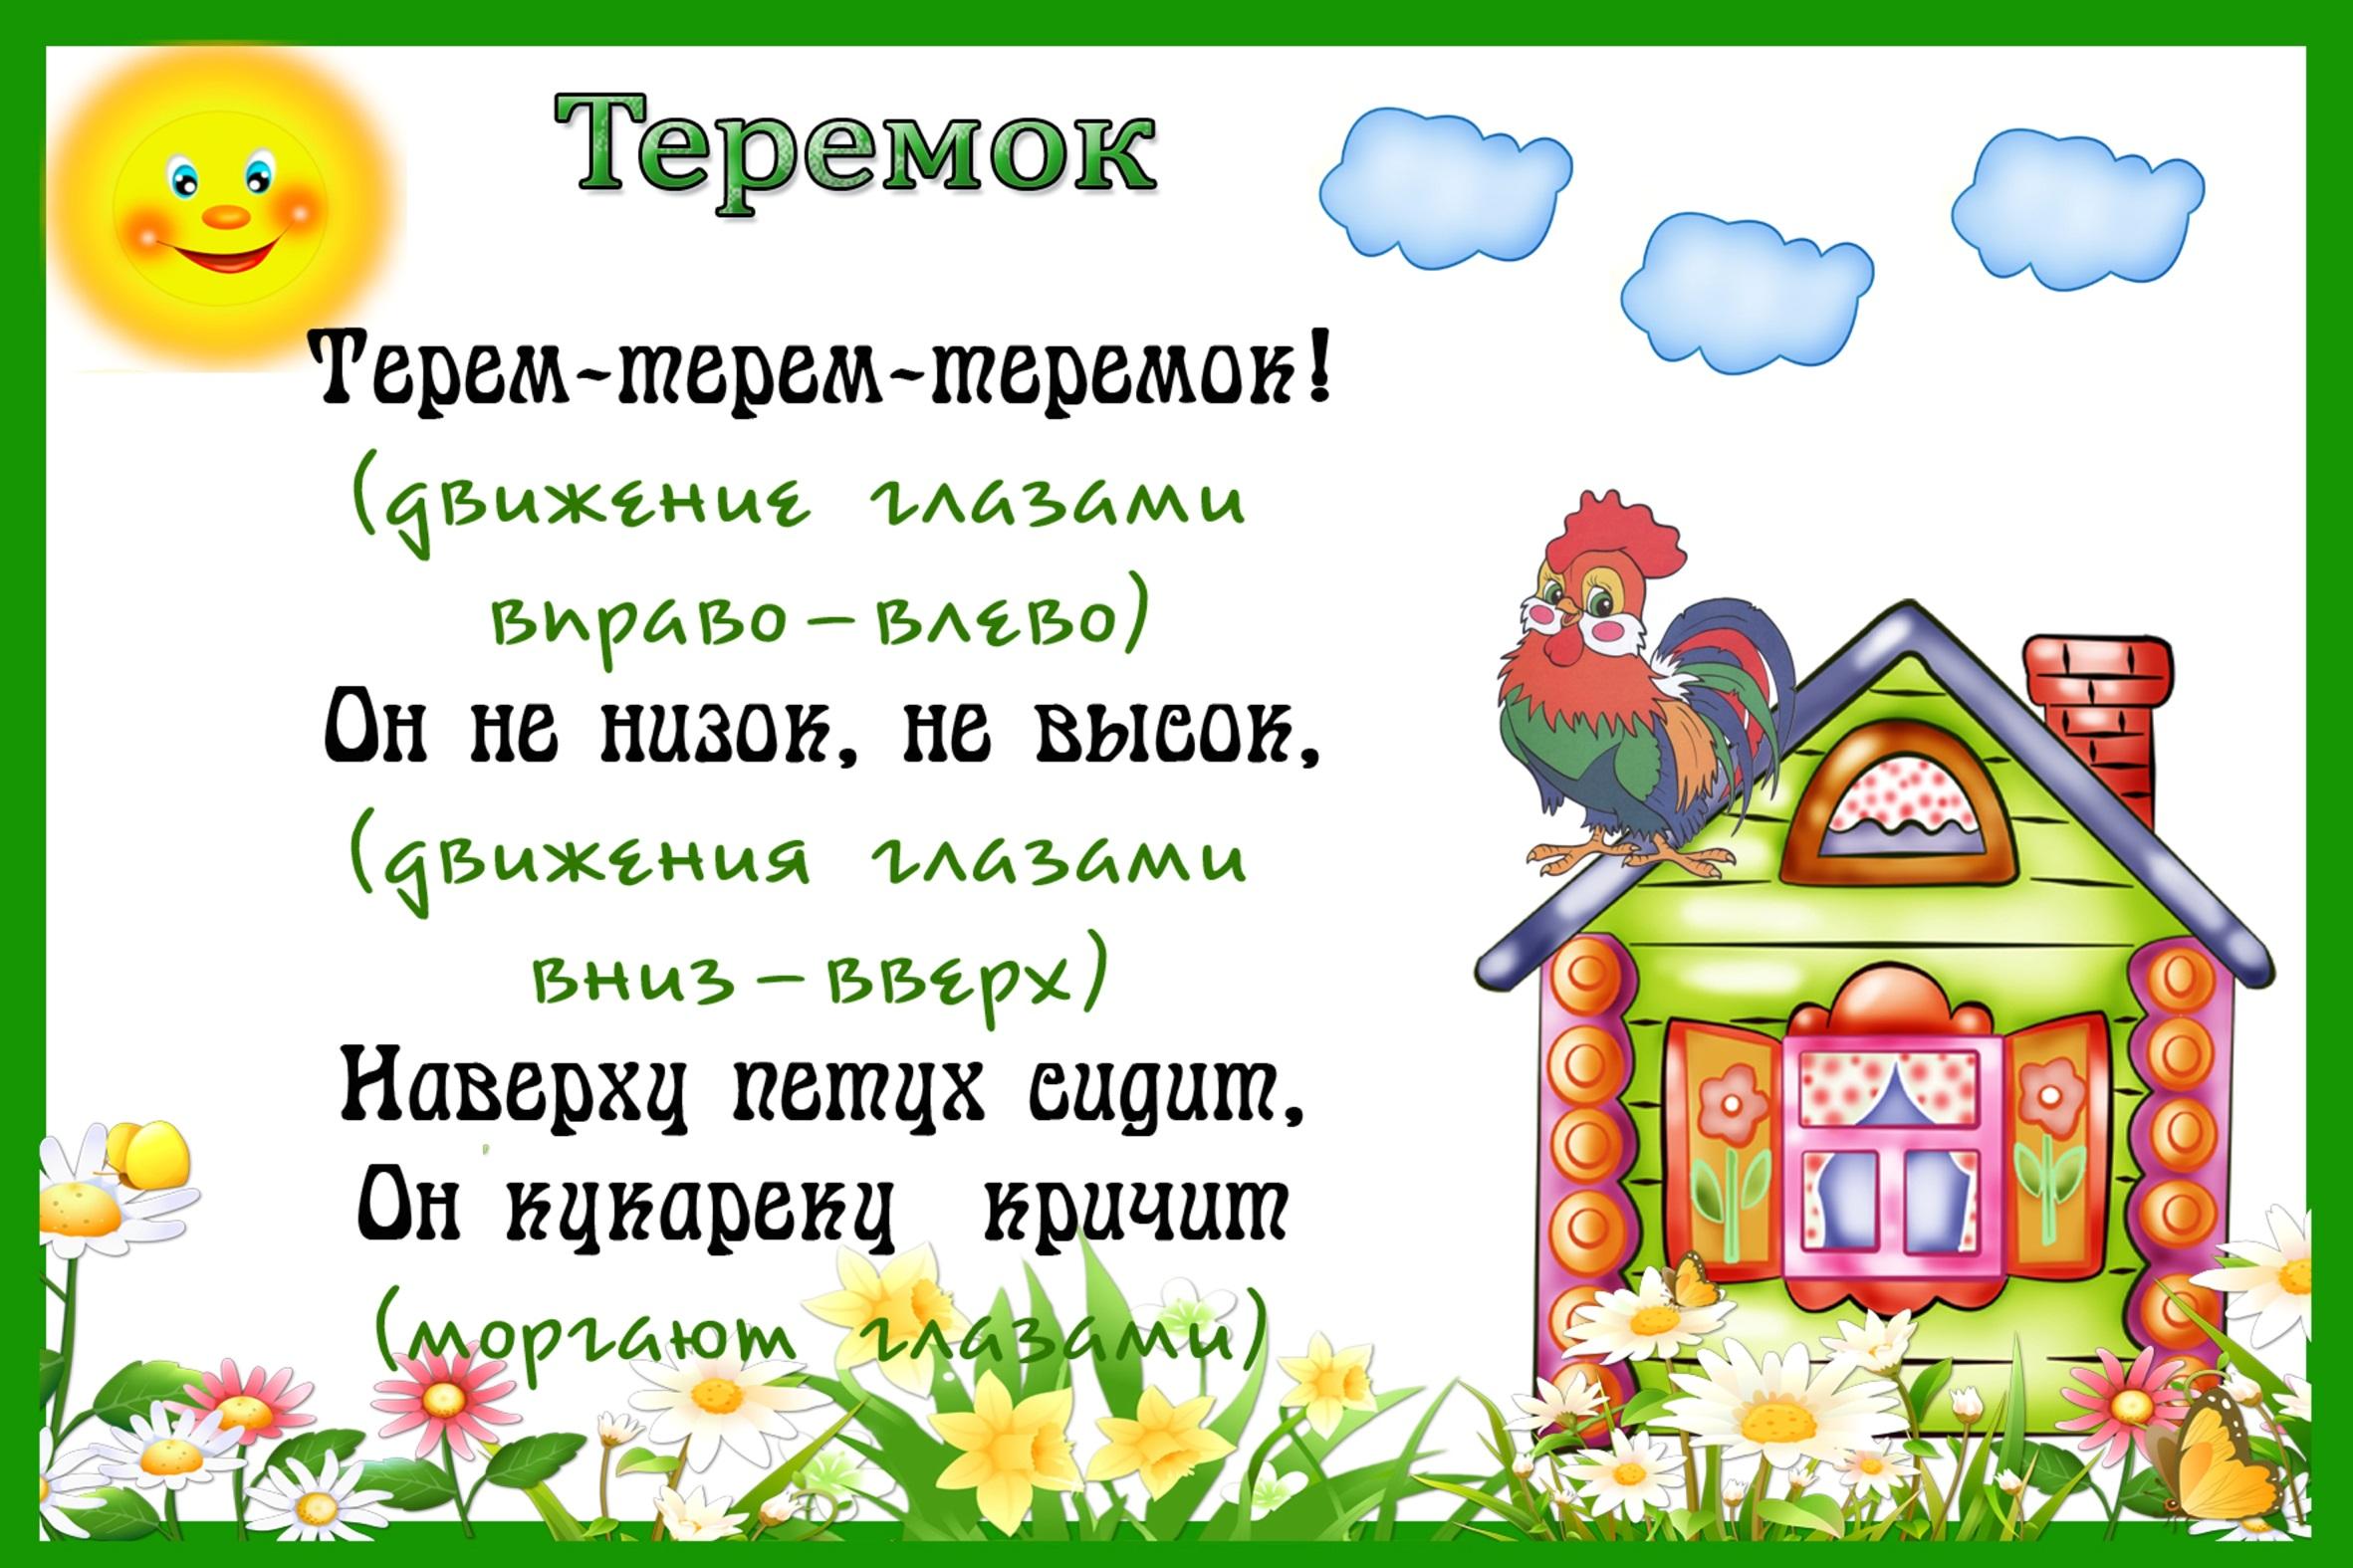 http://25chita.detkin-club.ru/editor/1974/images/c3c259b460f2dcc1f841f42cda10bc07.jpg